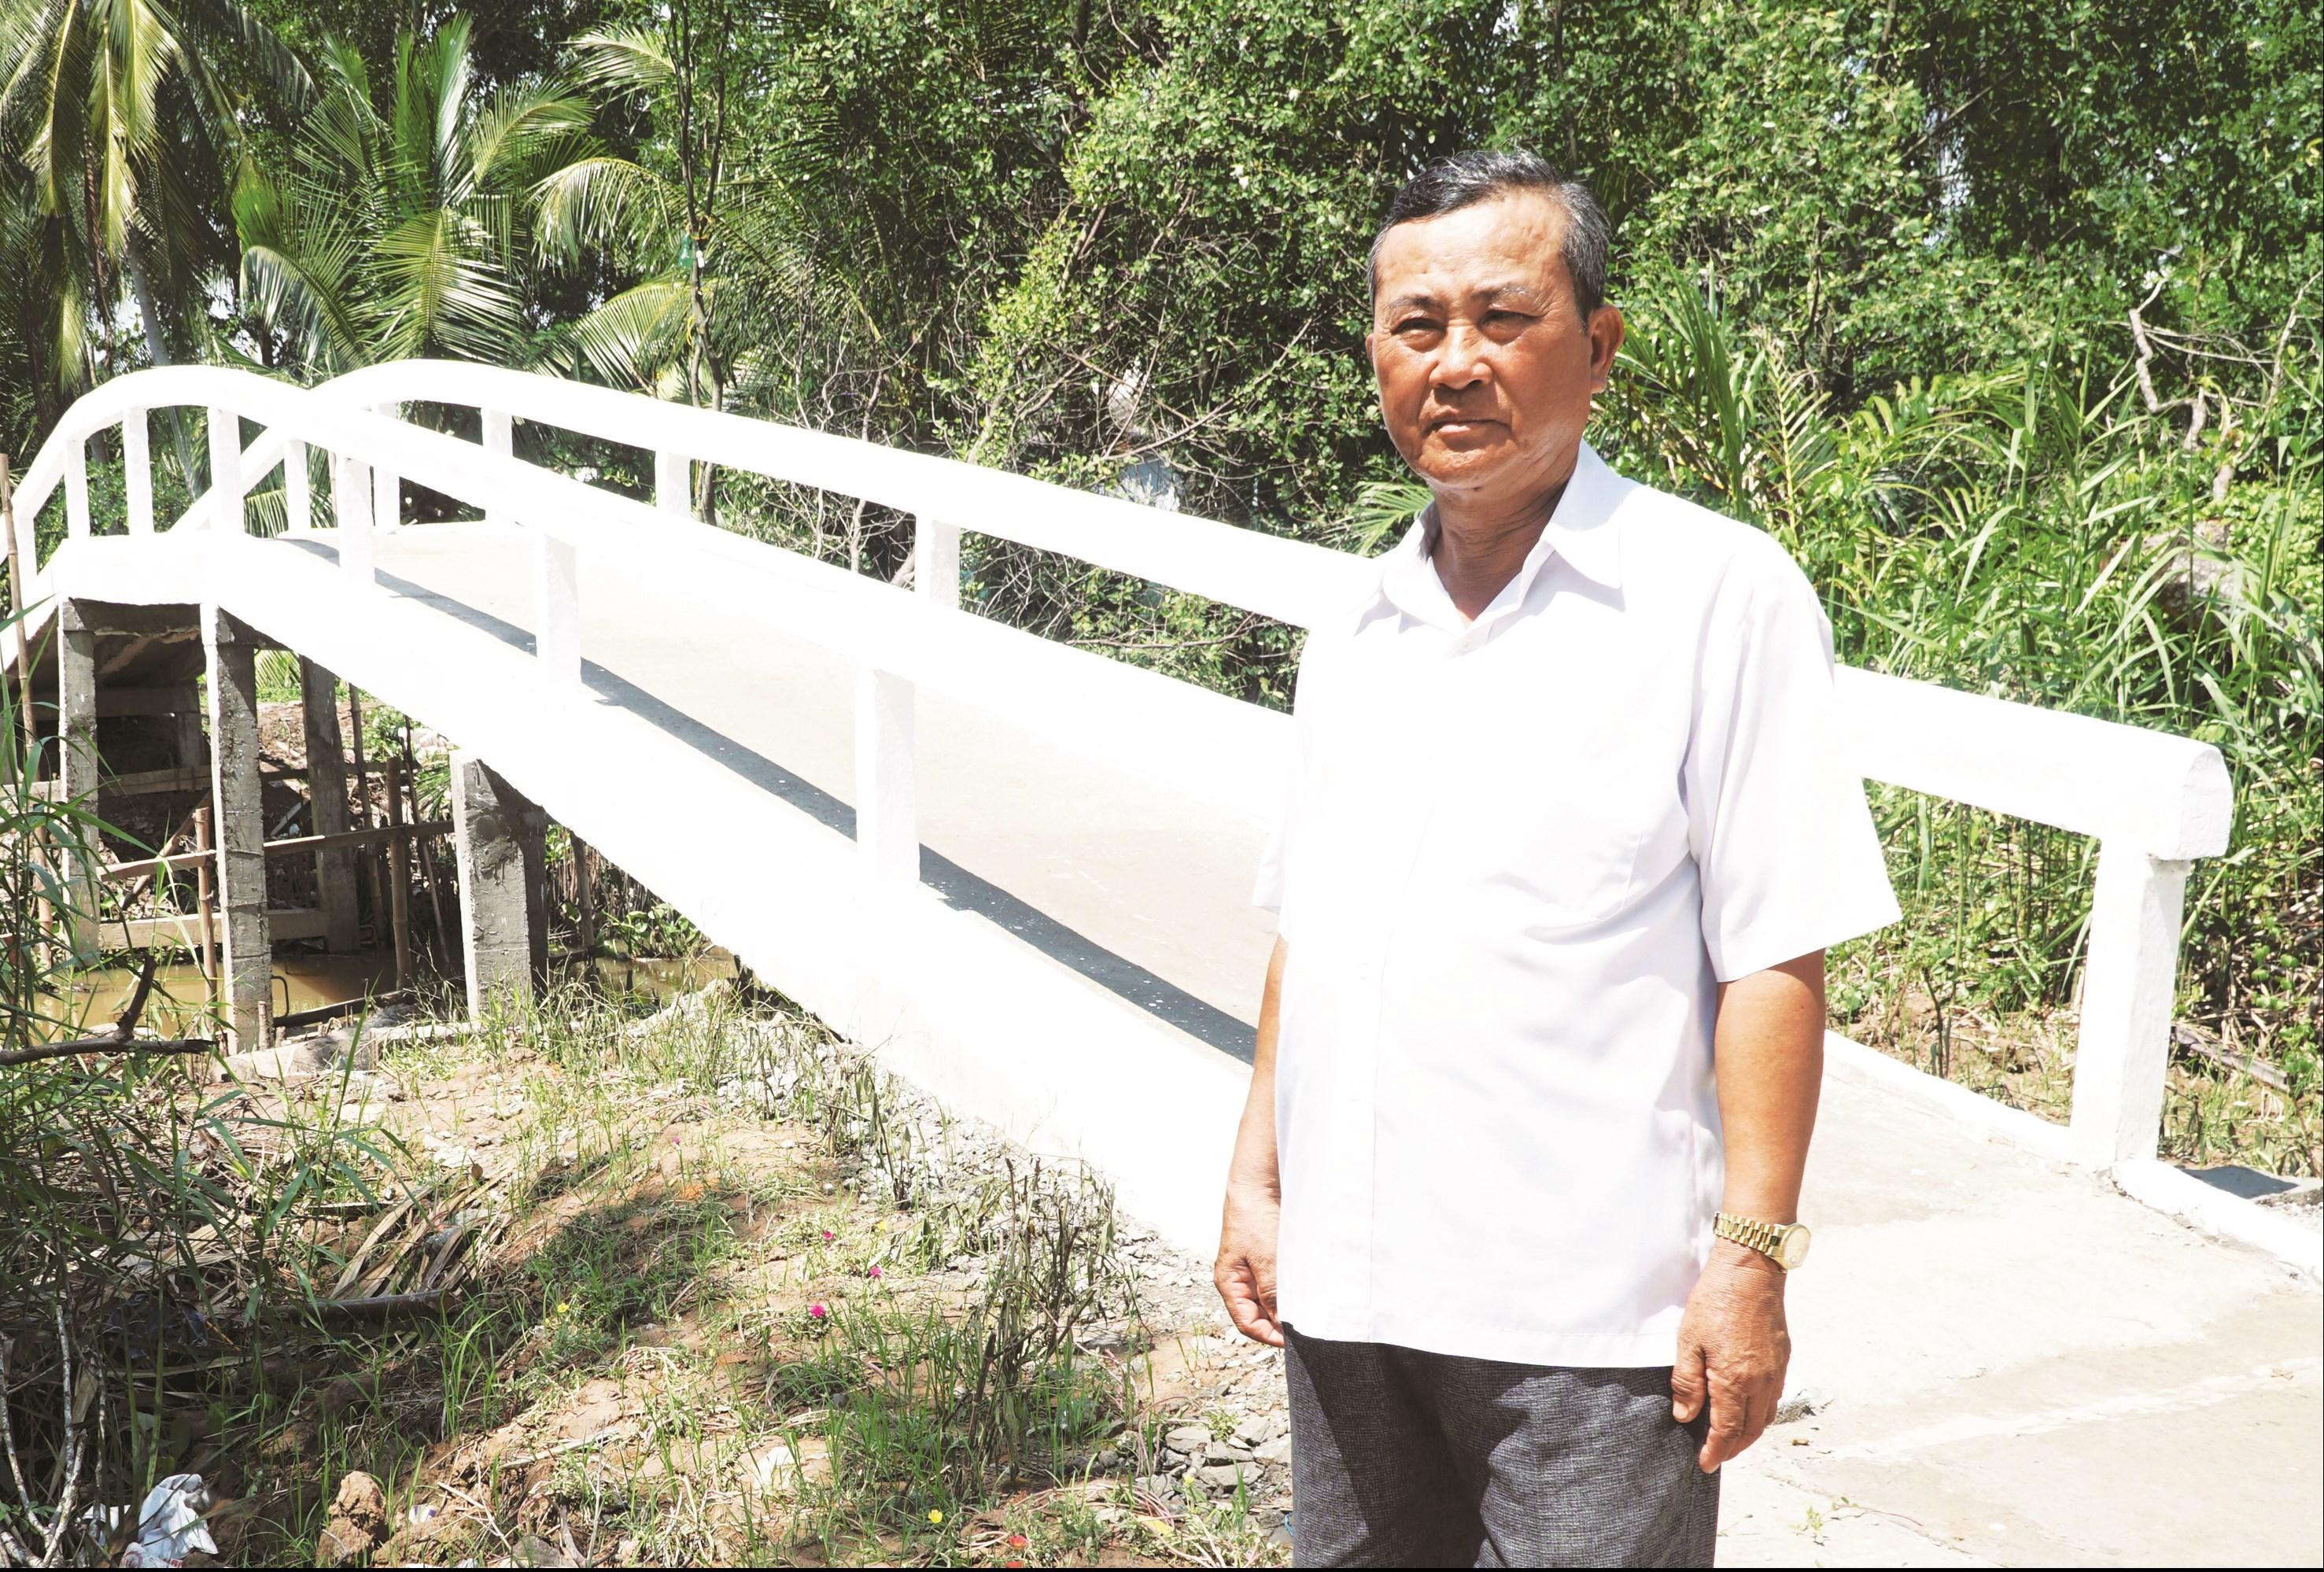 Ông Lâm Văn Phấn bên cây cầu do ông đã đóng góp và huy động để xây mới và sửa chữa.